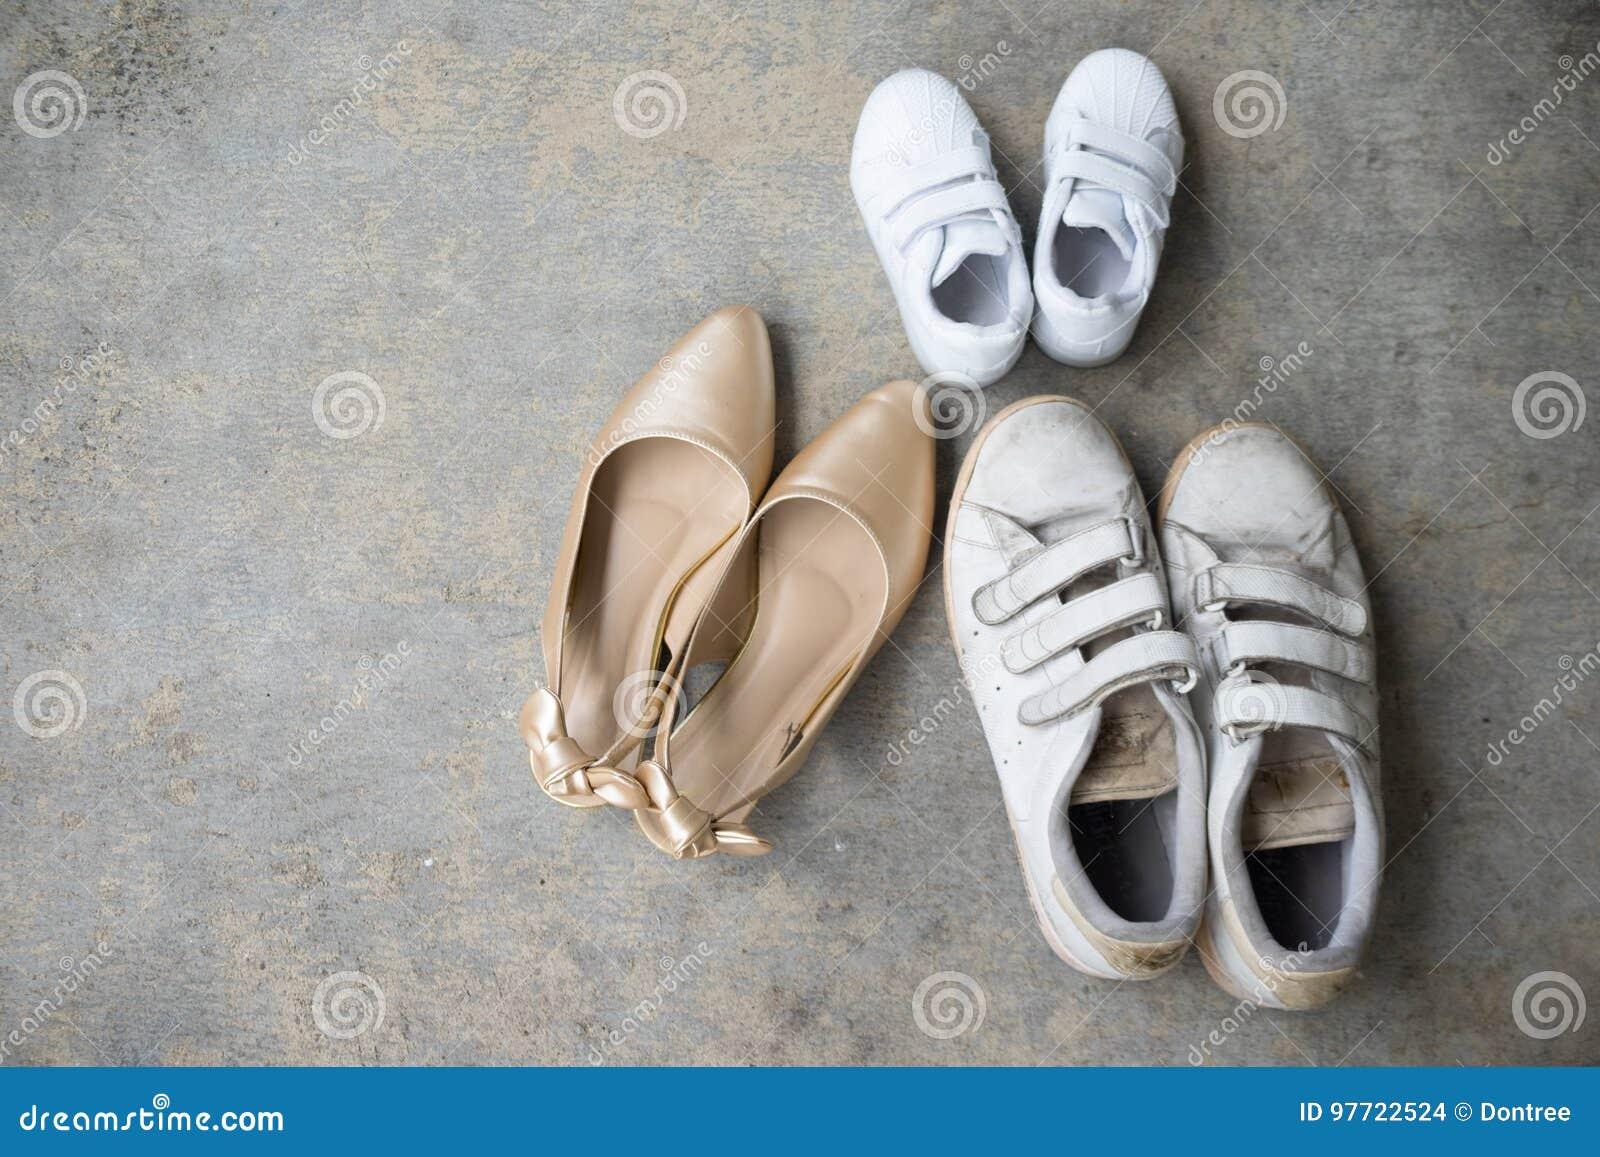 Chaussures Talon Fils Père Haut D'or Et De nkXNwP80O